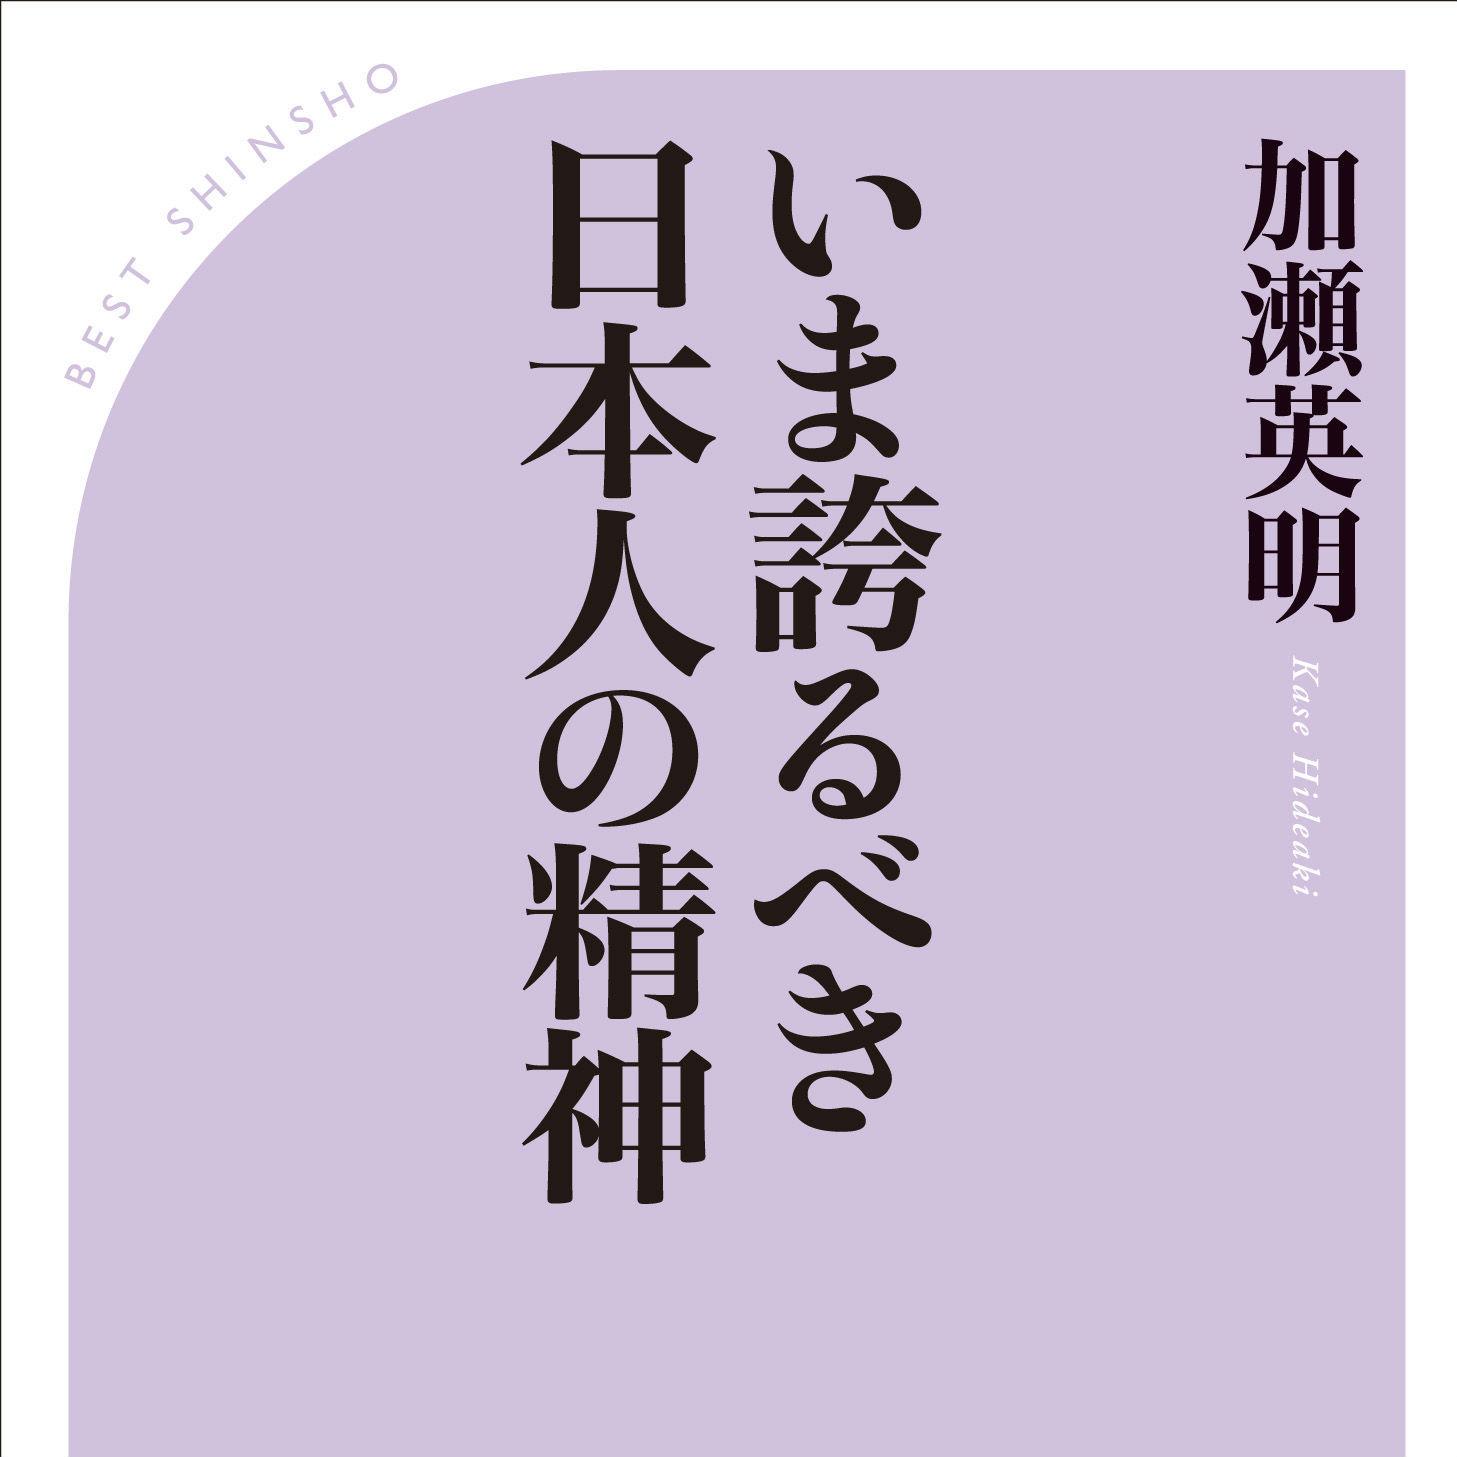 戦前・戦中の精神を取り戻さなければ日本人は危機に立ち向かうことができない